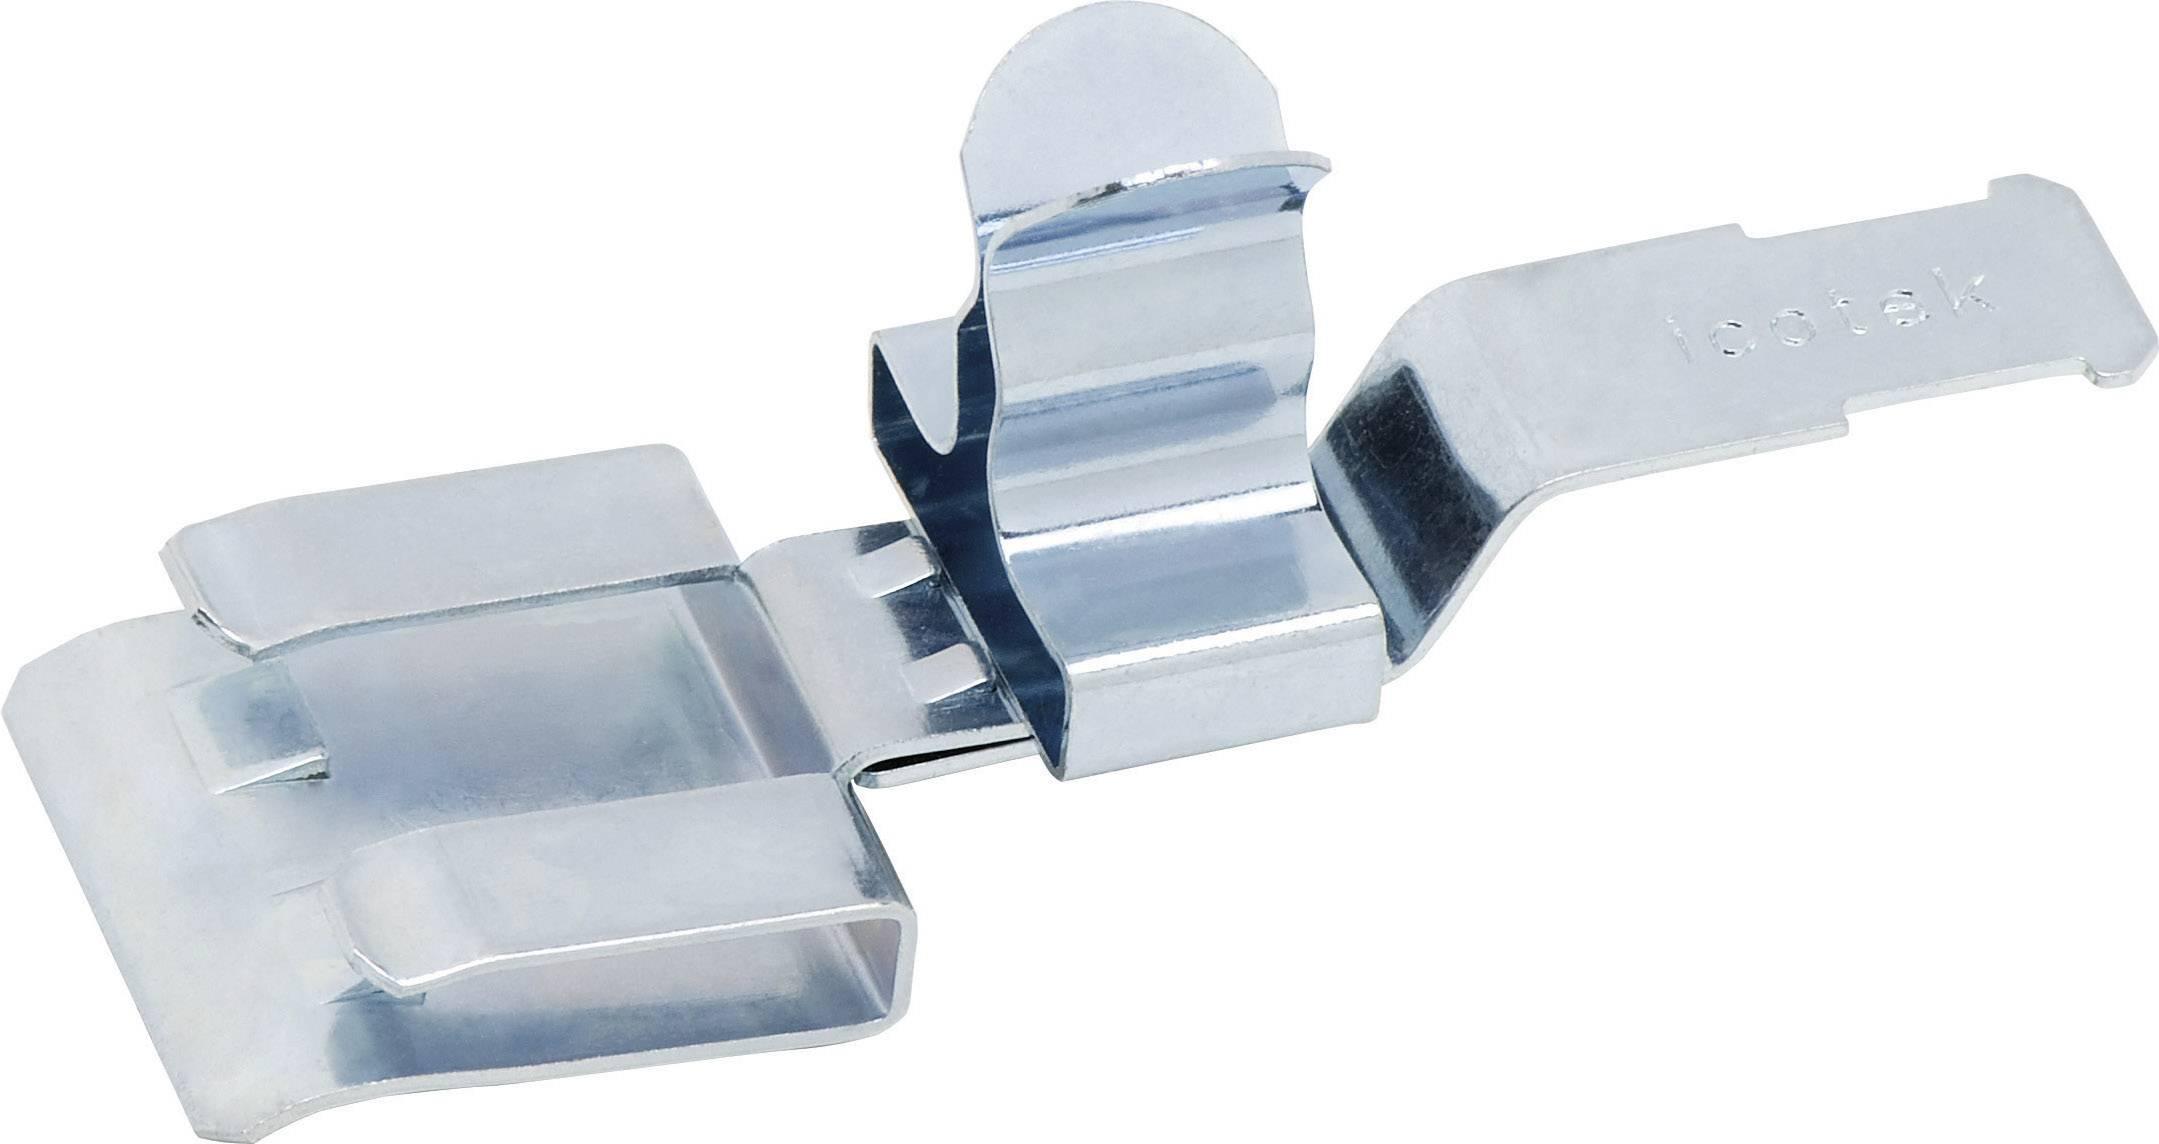 Icotek Zaščitna sponka PFZ PFZ|SKL 6-8 za kabel- 6 - 8 mm, pocinkano vzmetno jeklo